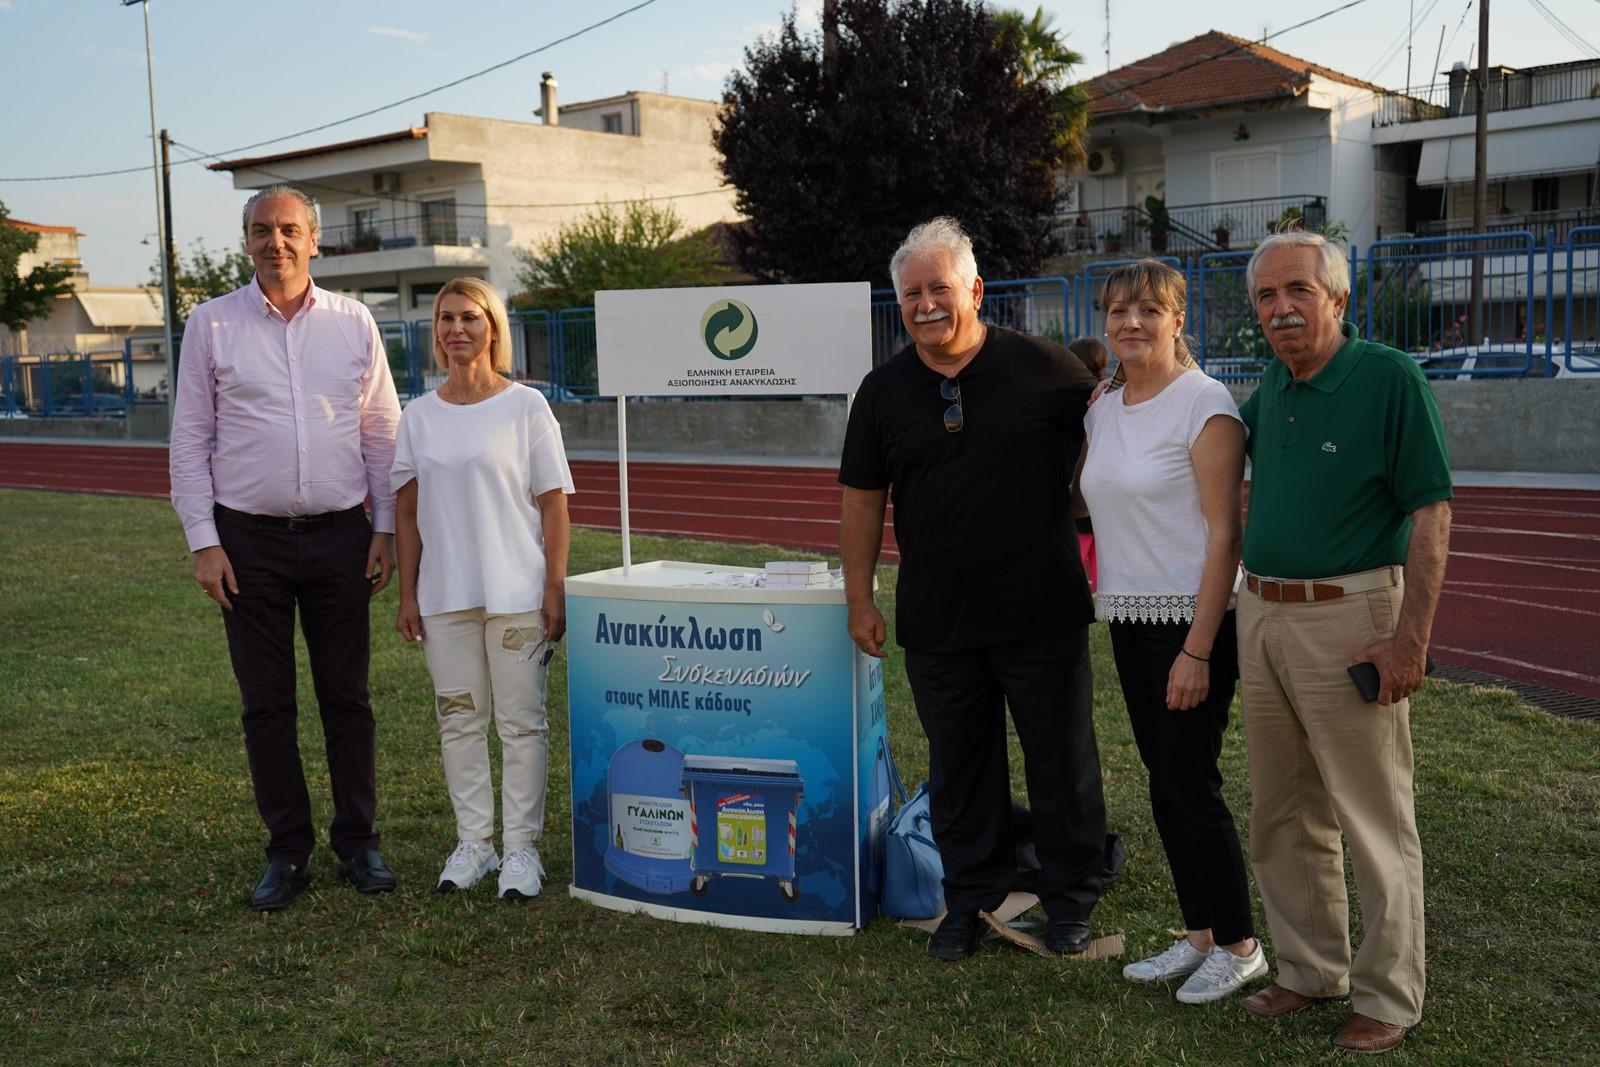 Ενθουσίασε το Λούνα Παρκ της Ανακύκλωσης τους μαθητές της Ελασσόνας